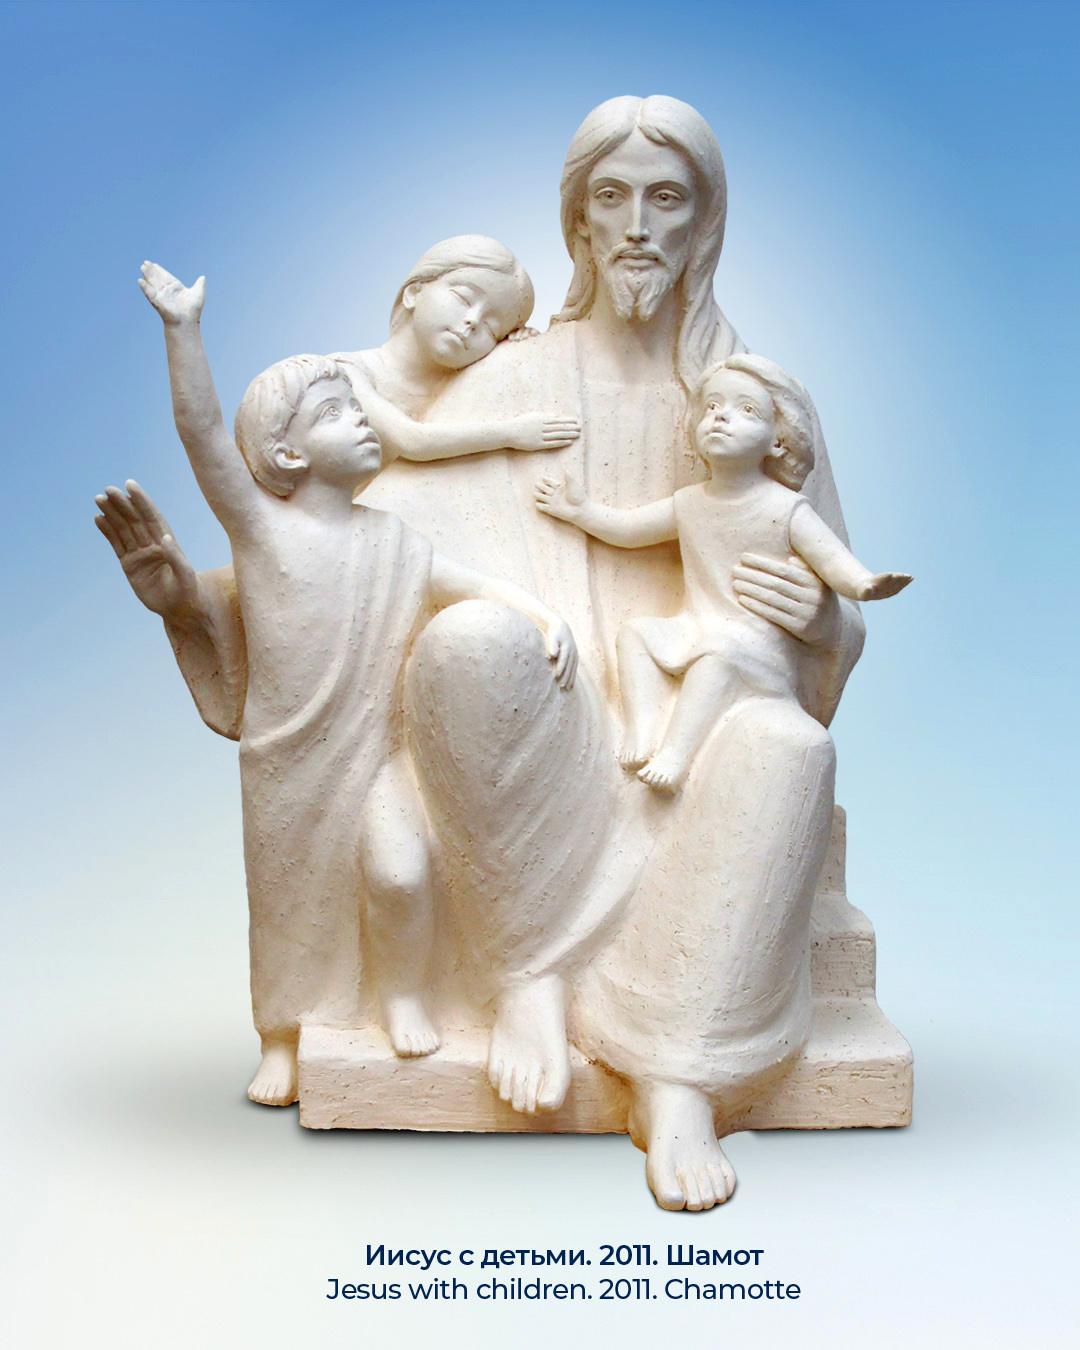 Христос з дітьми. 2011. шамот - hristos s detmi